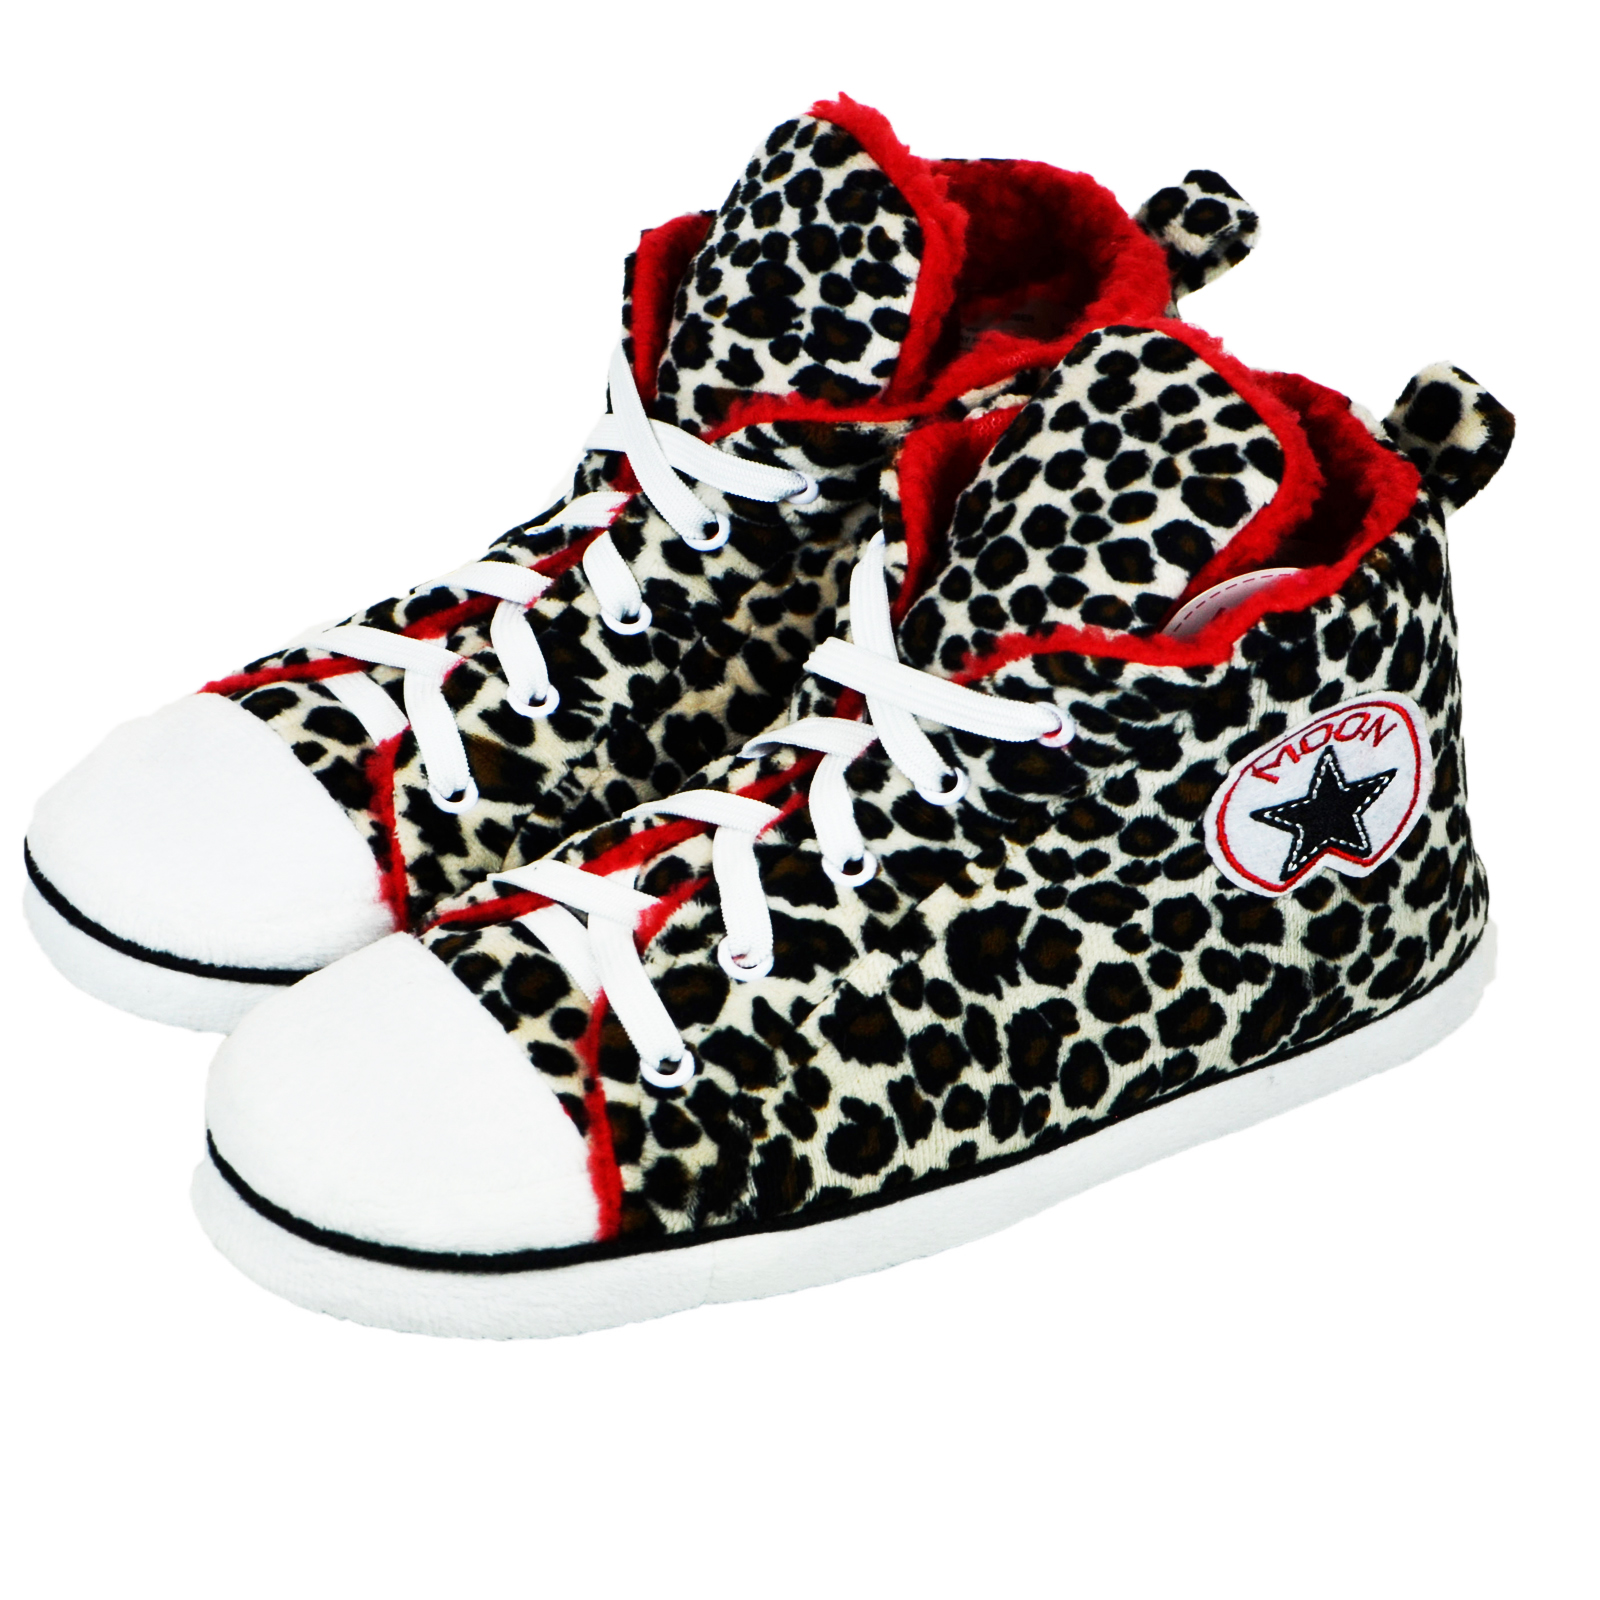 ANIME STUDIO - Official Site Fashion pet arctic fleece boots